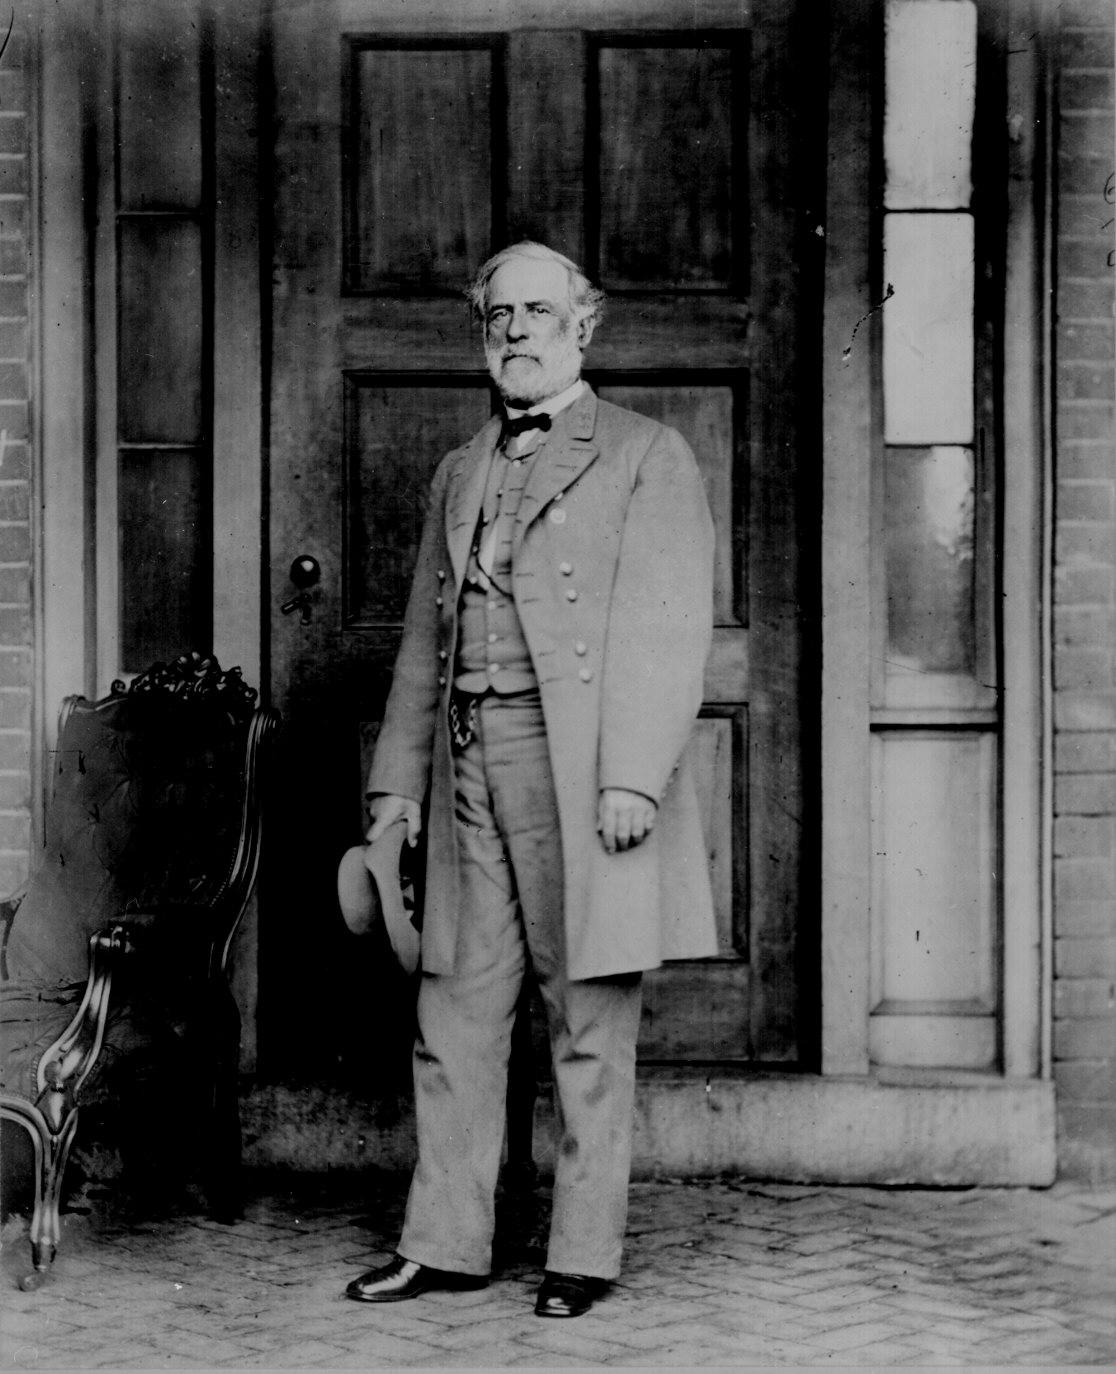 Gen. Robert E Lee April 1865. Photographed by Mathew B. Brady. 111-B-1564.